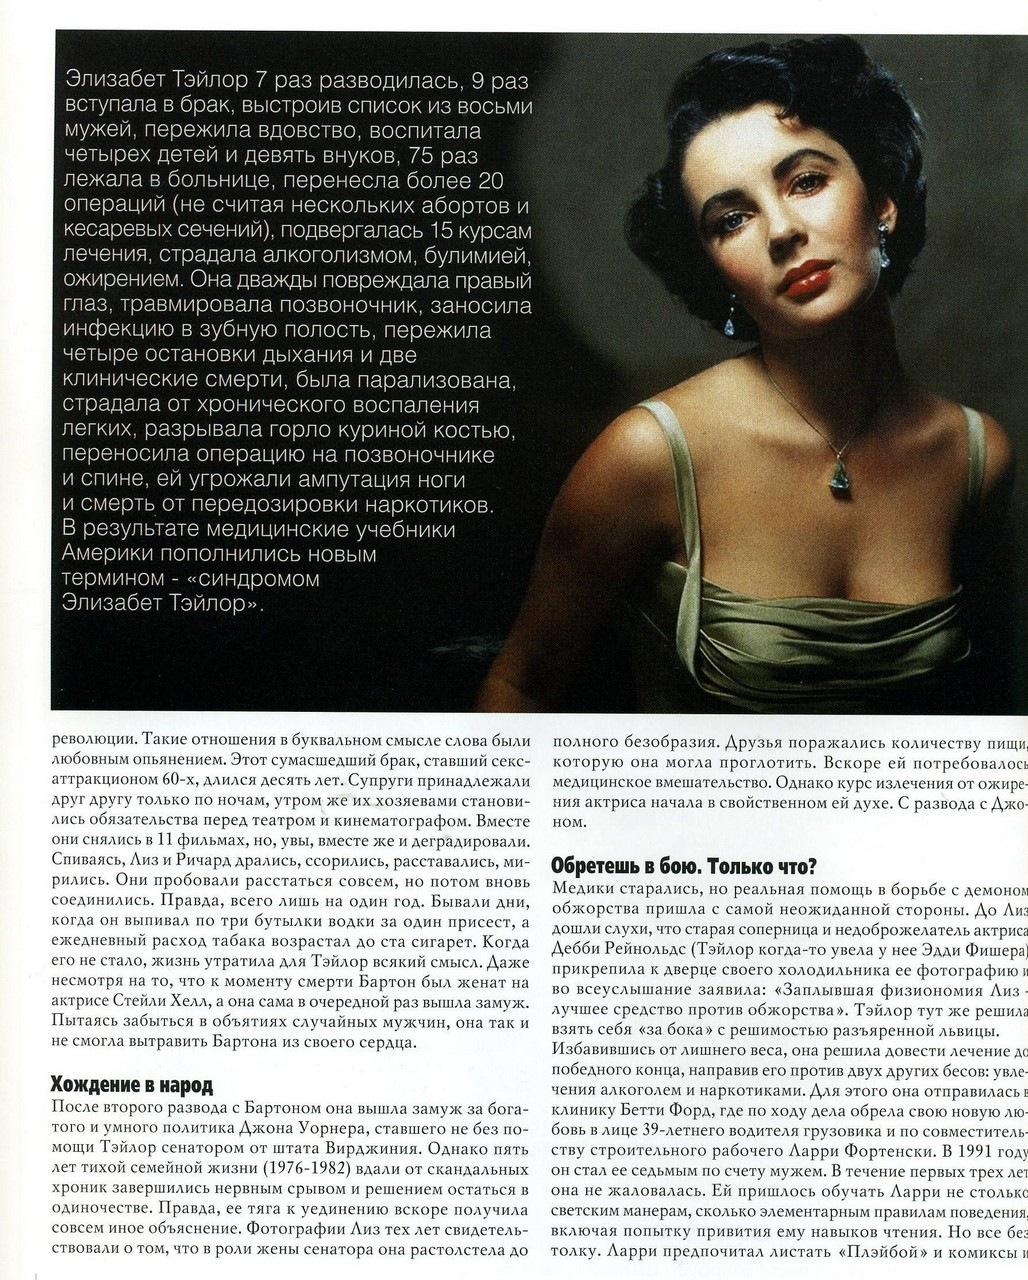 http://data14.gallery.ru/albums/gallery/74091--42408893--u80675.jpg